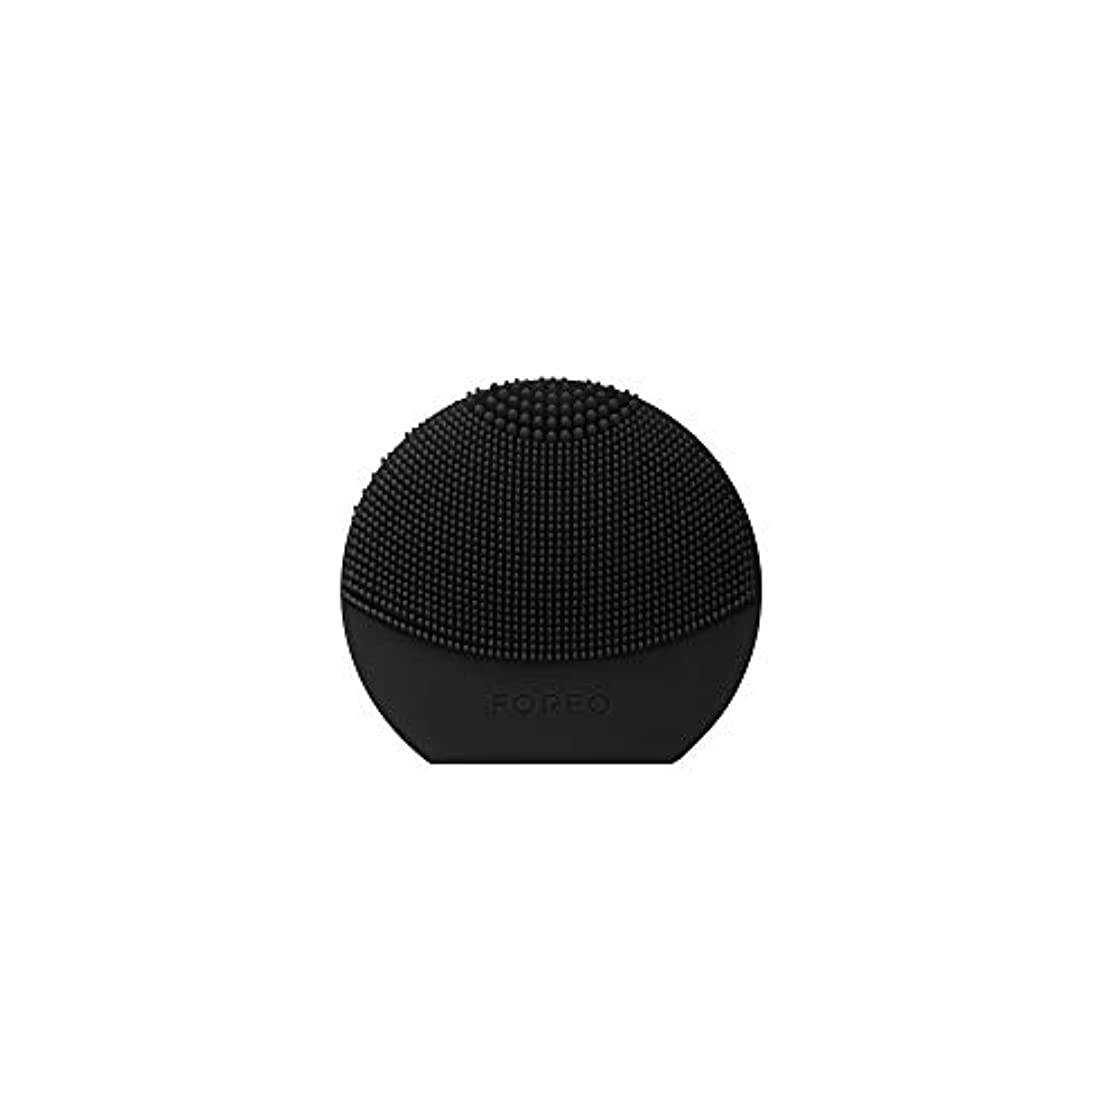 郵便回るレタッチFOREO LUNA Play Plus ミッドナイト シリコーン製 音波振動 電動洗顔ブラシ 電池式